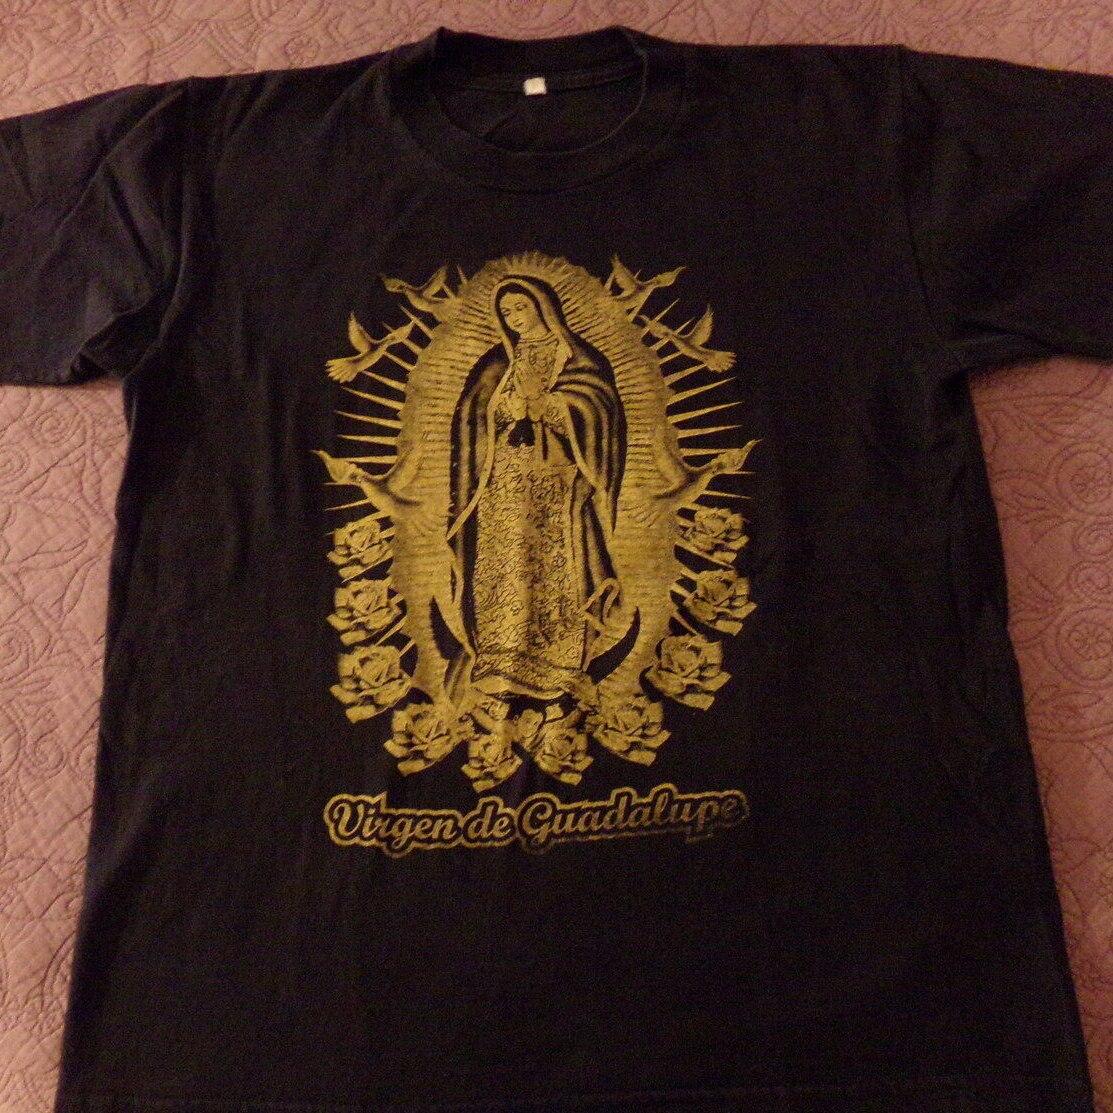 Camiseta para hombre con gráfico De dos caras De la Virgen De Guadalupe, camiseta De regalo para hombre, camiseta a la moda